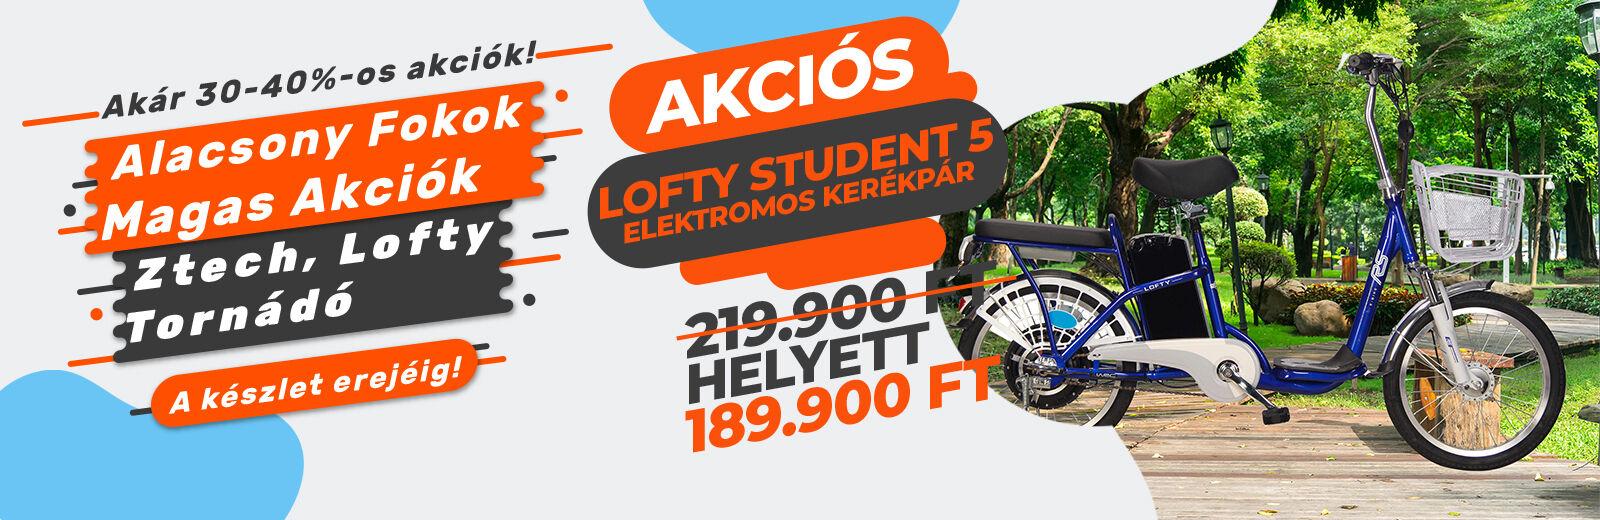 Lofty 5